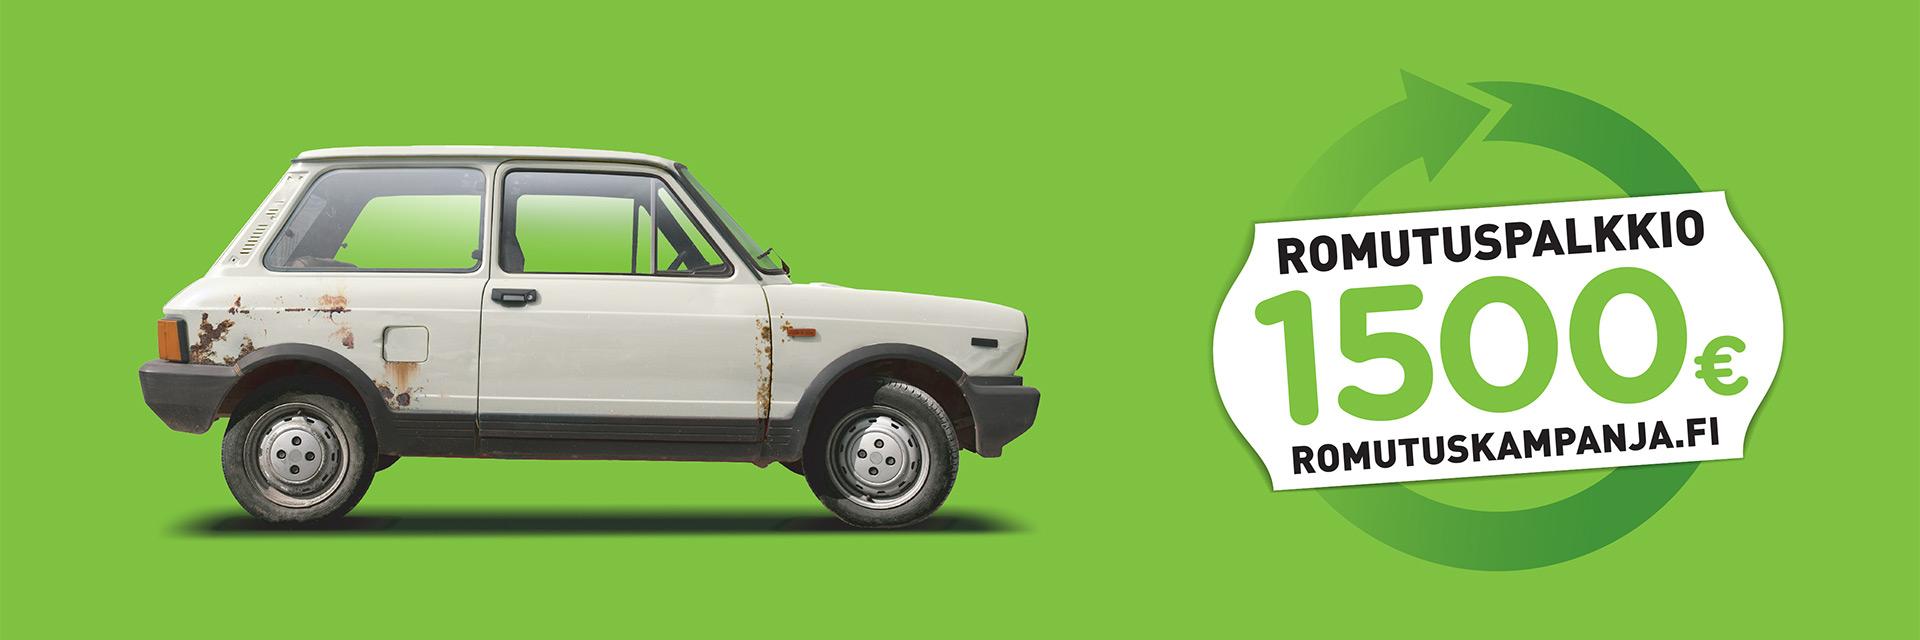 Romutuspalkkiokampanja Käyttöautossa